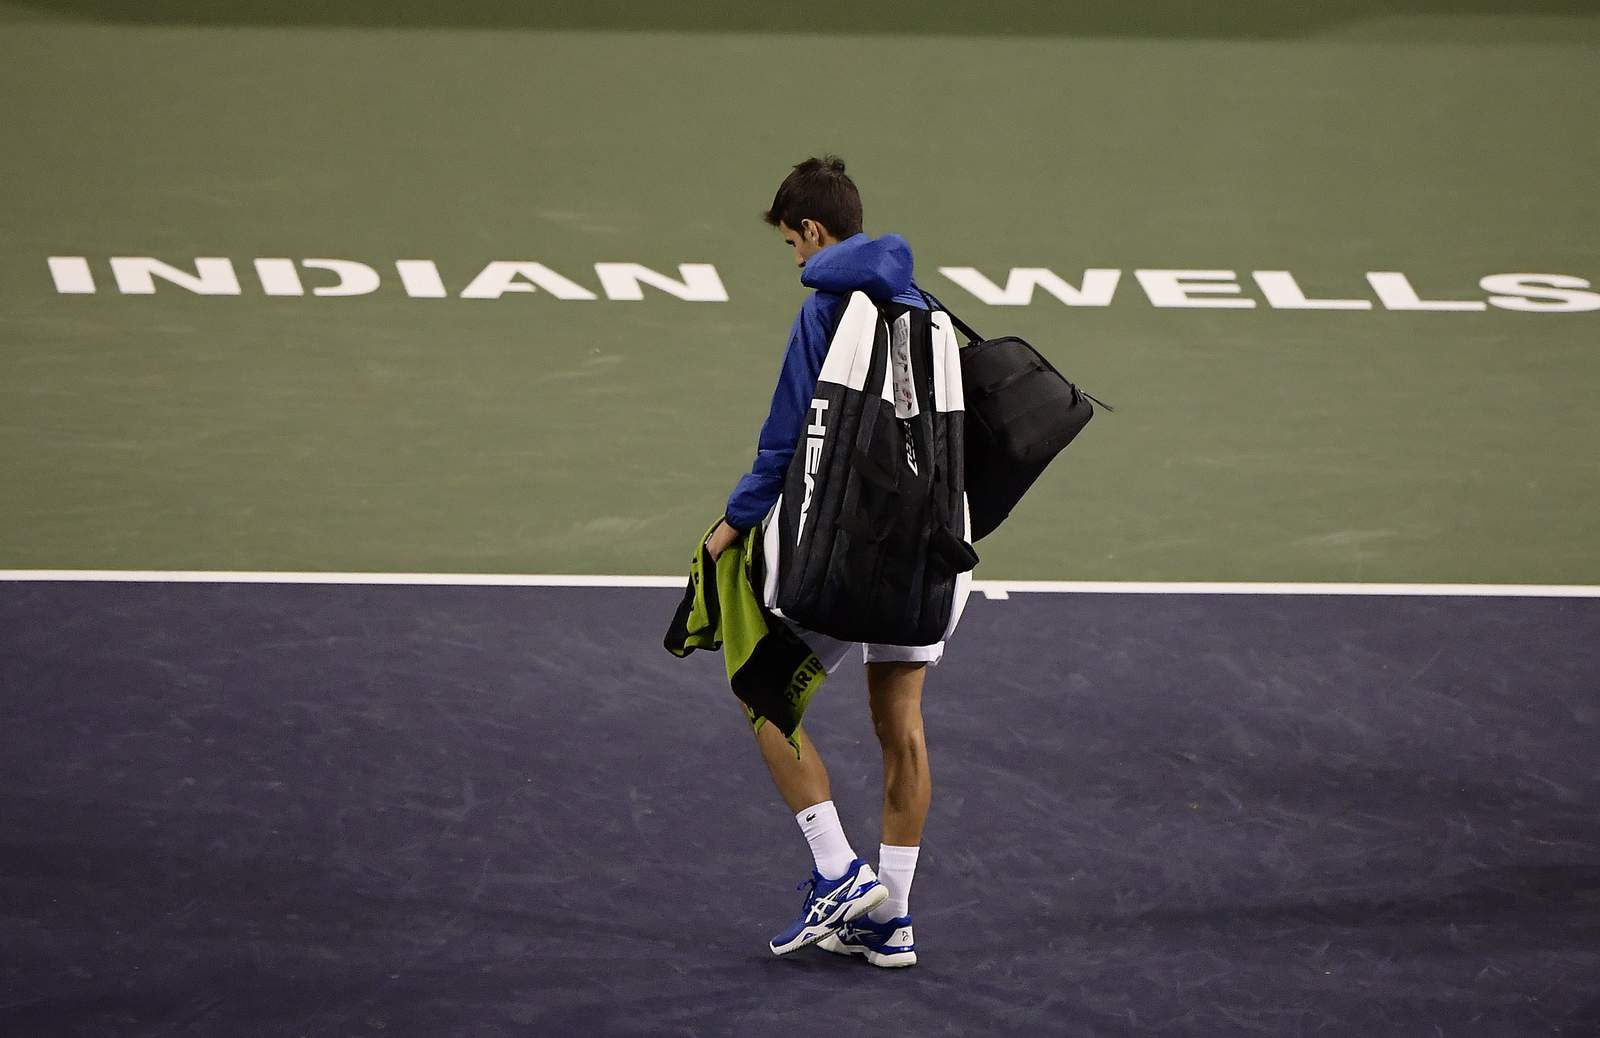 El aplazamiento del torneo de tenis trata un golpe económico 26